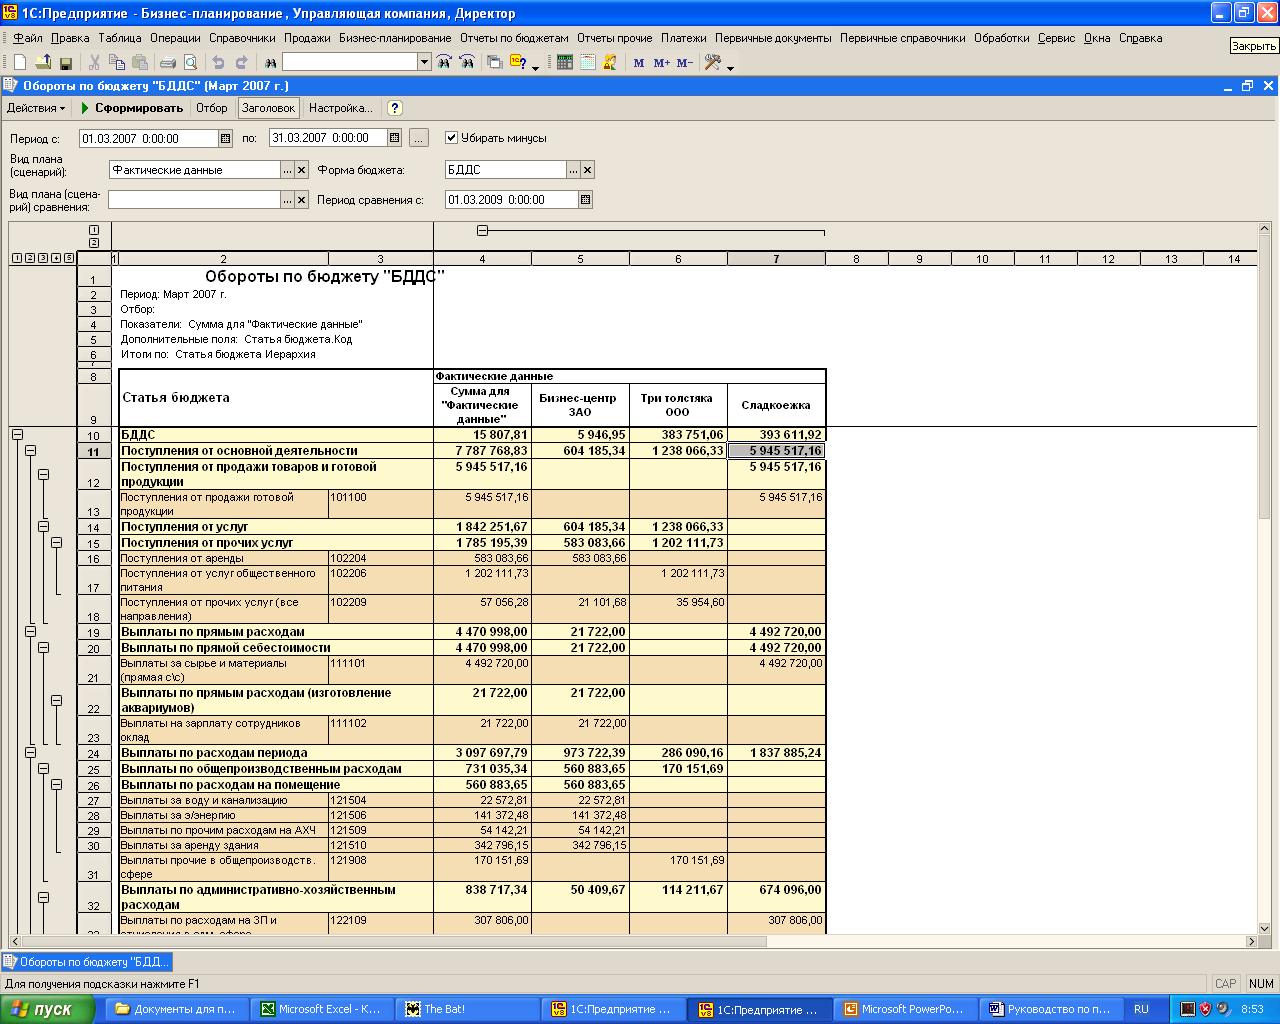 Отчет бддс (бюджет движения денежных средств) по текущей деятельности